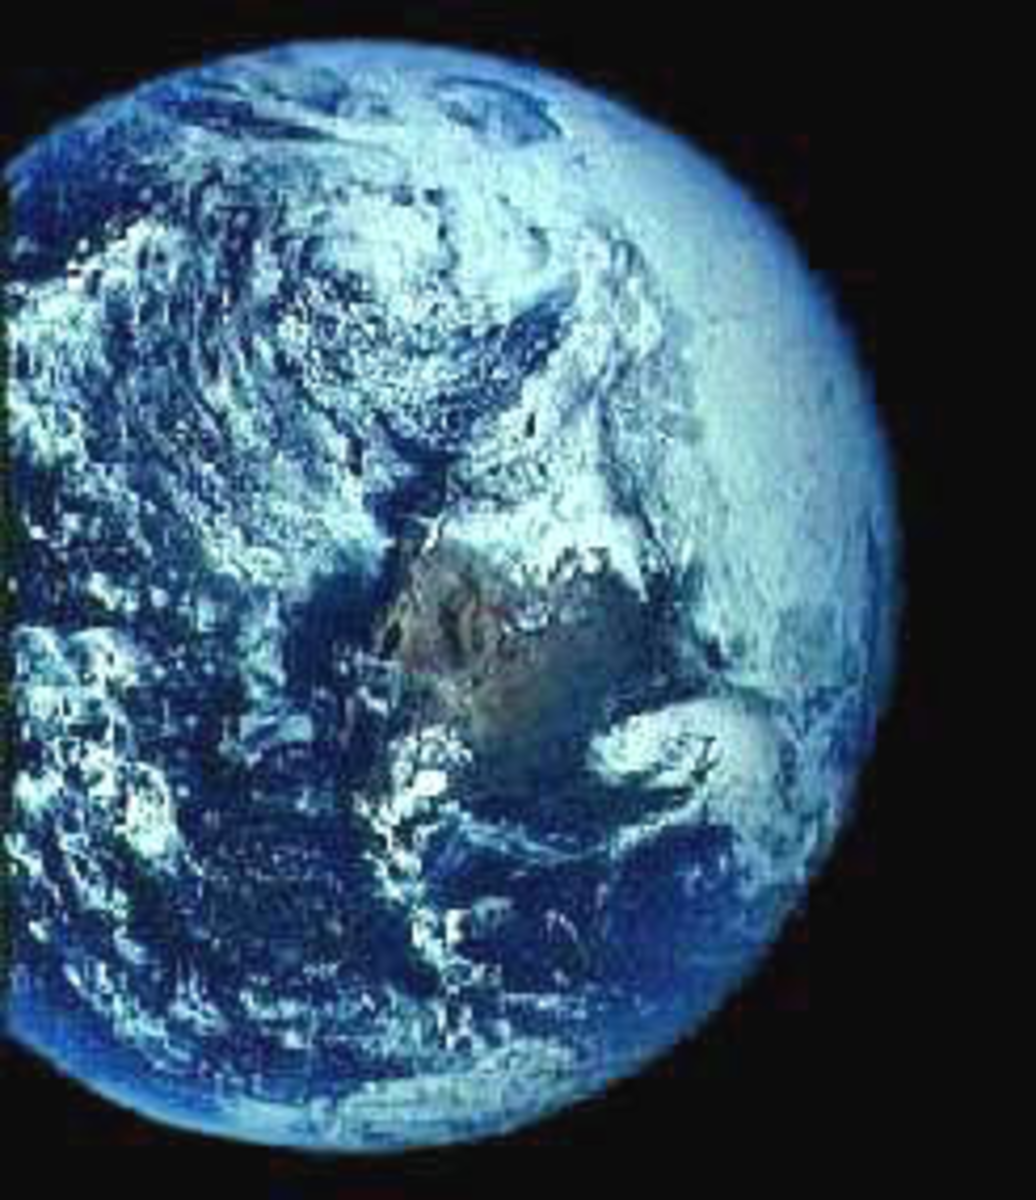 hacked nasa hollow earth - photo #39